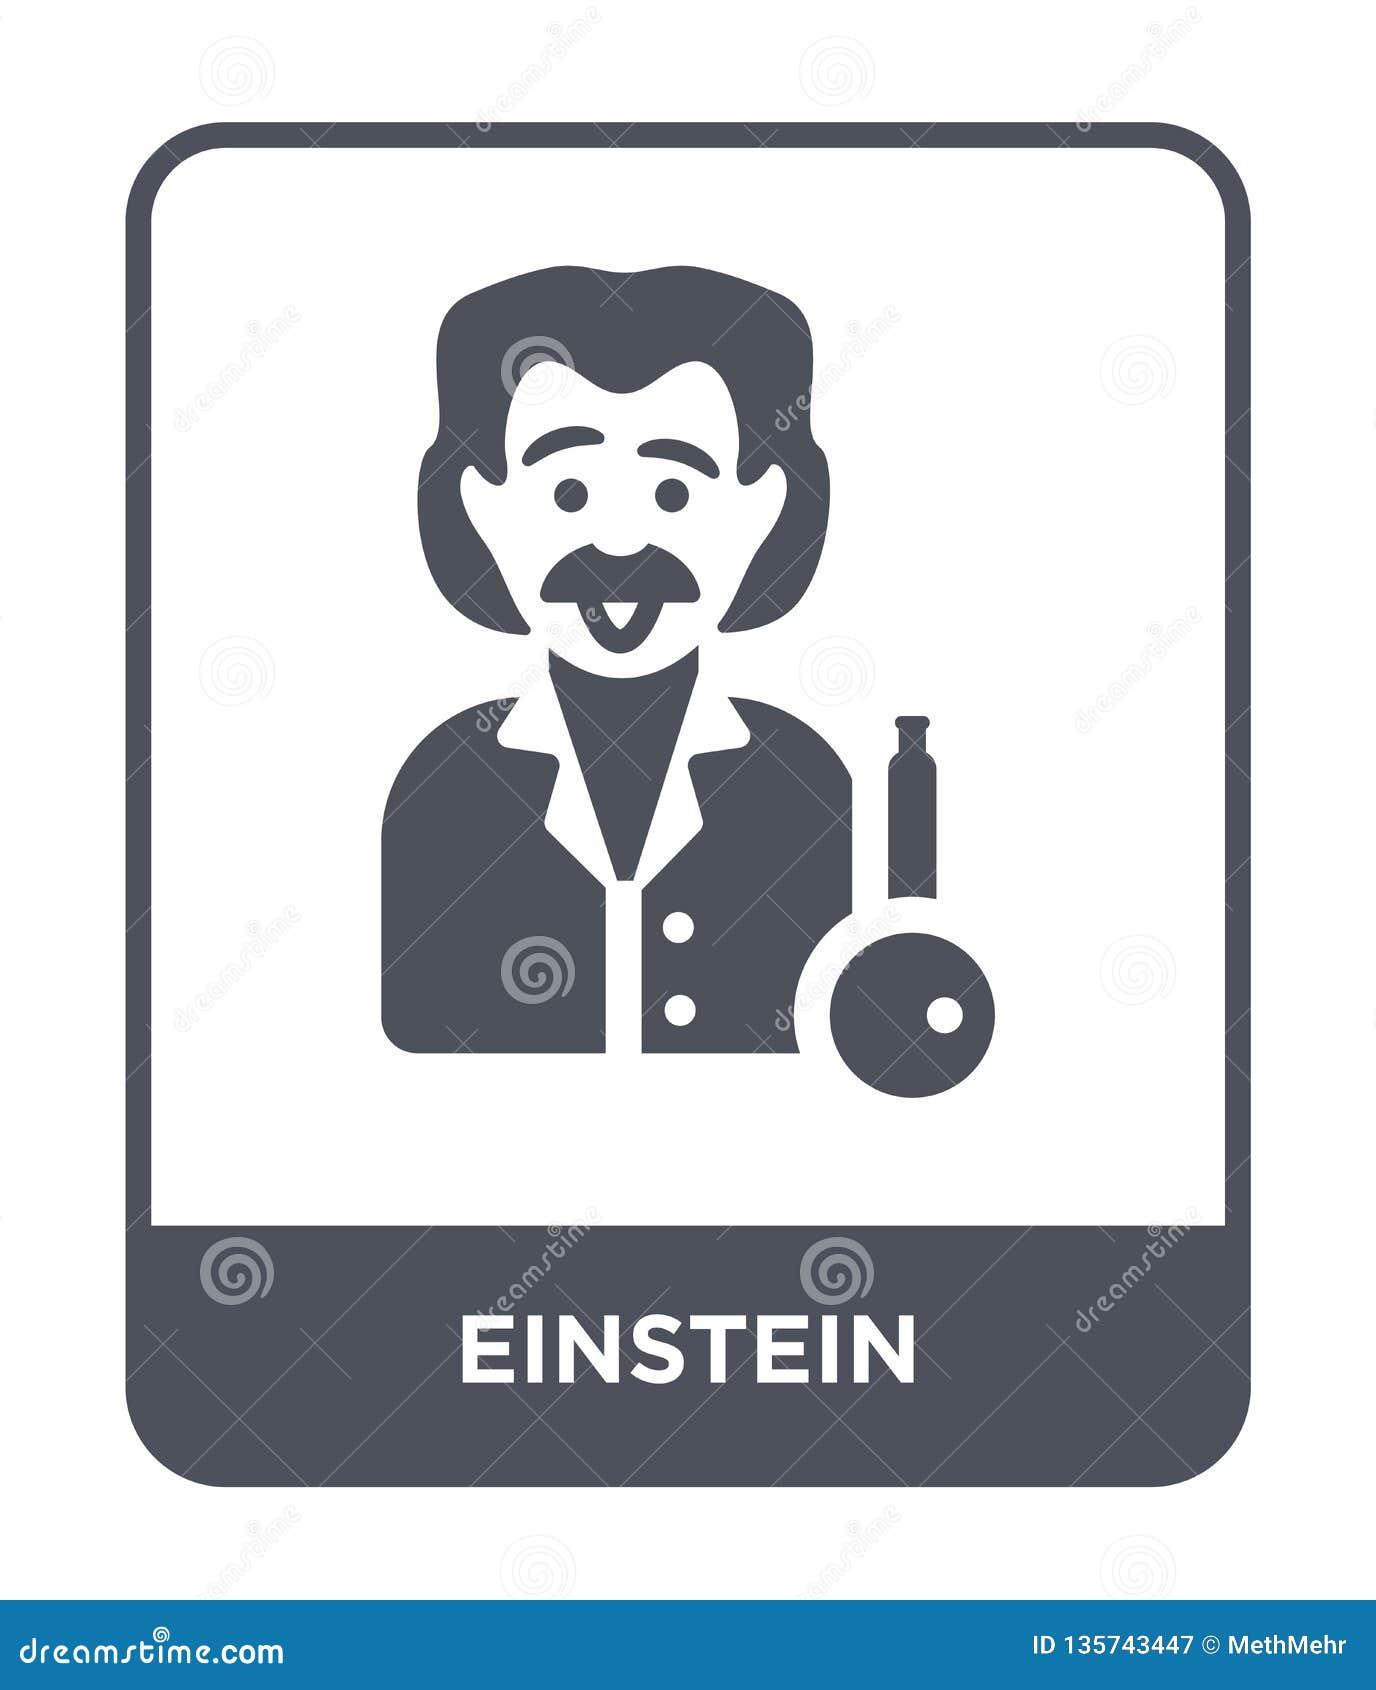 Icono de einstein en estilo de moda del diseño icono de einstein aislado en el fondo blanco plano simple y moderno del icono del